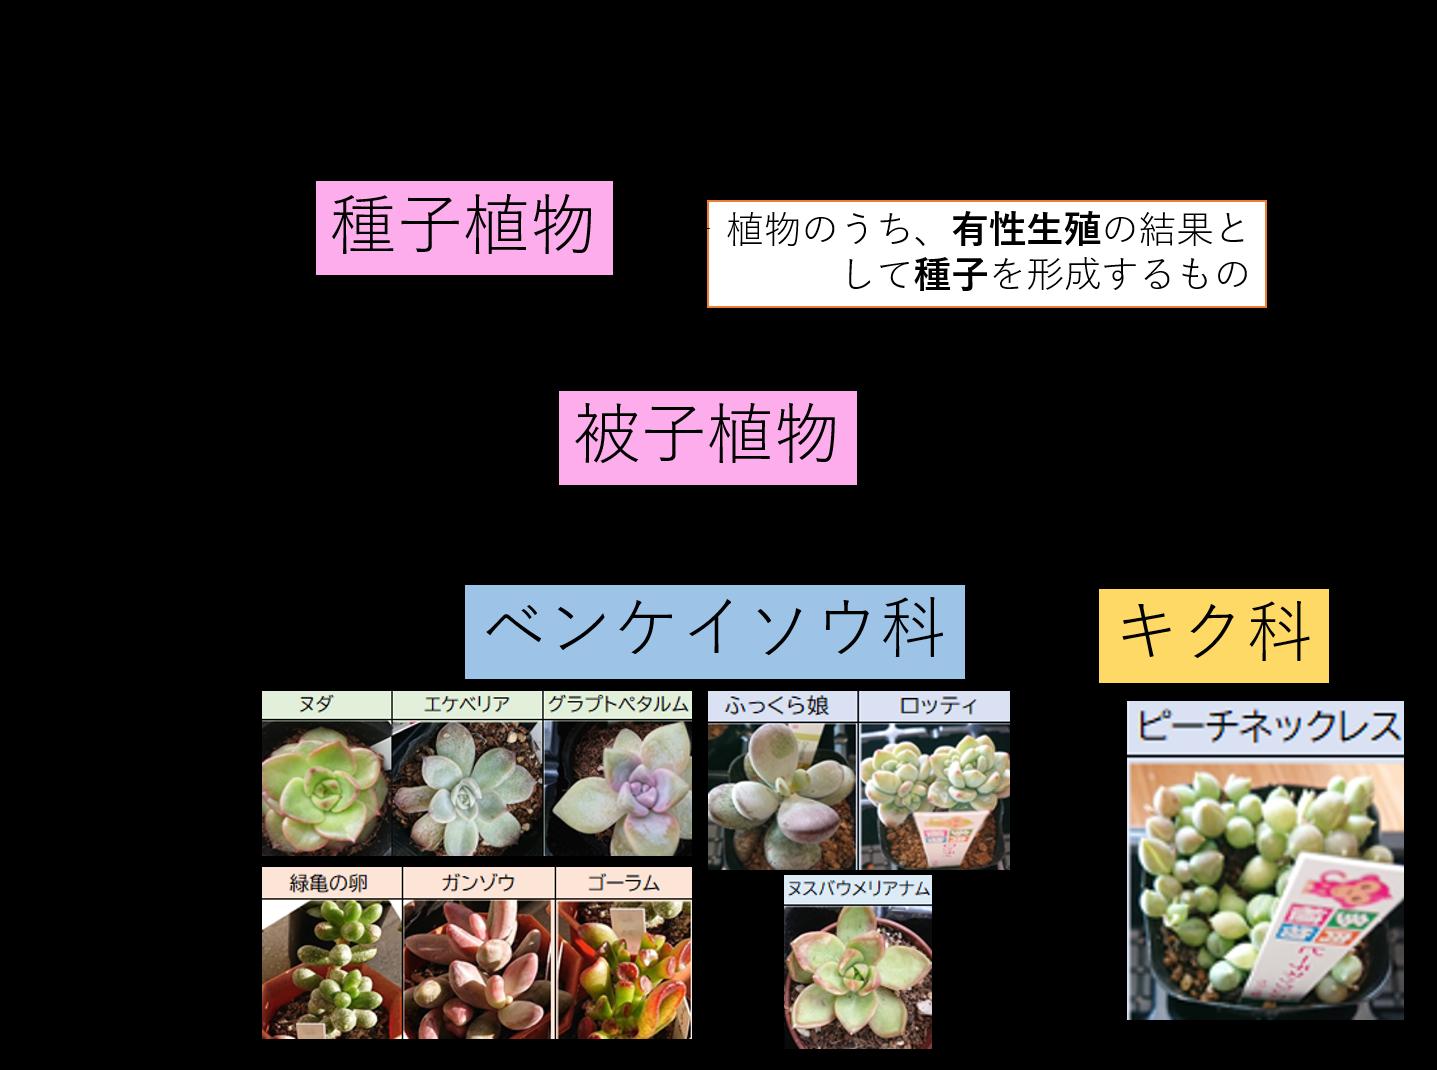 系統図 会社員の多肉